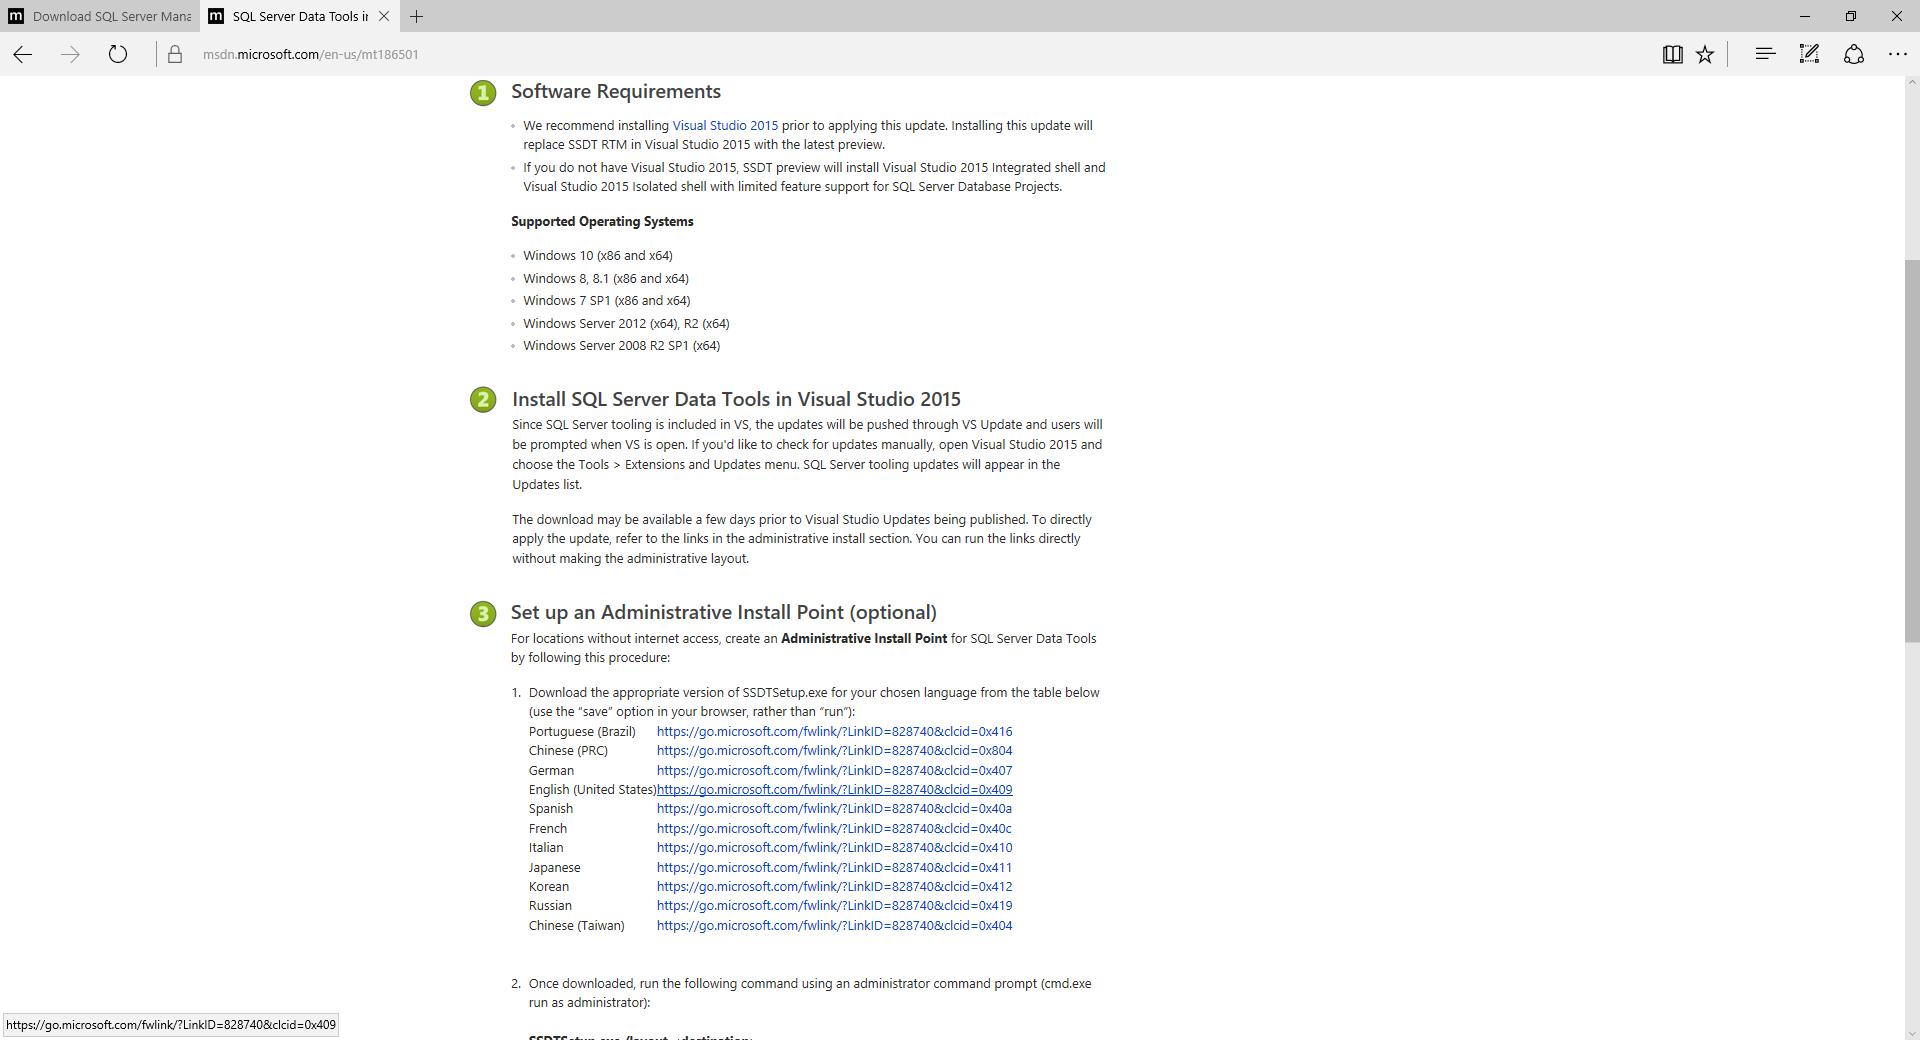 SQL Server Data Tools installation - SQL Server 2017 Integration